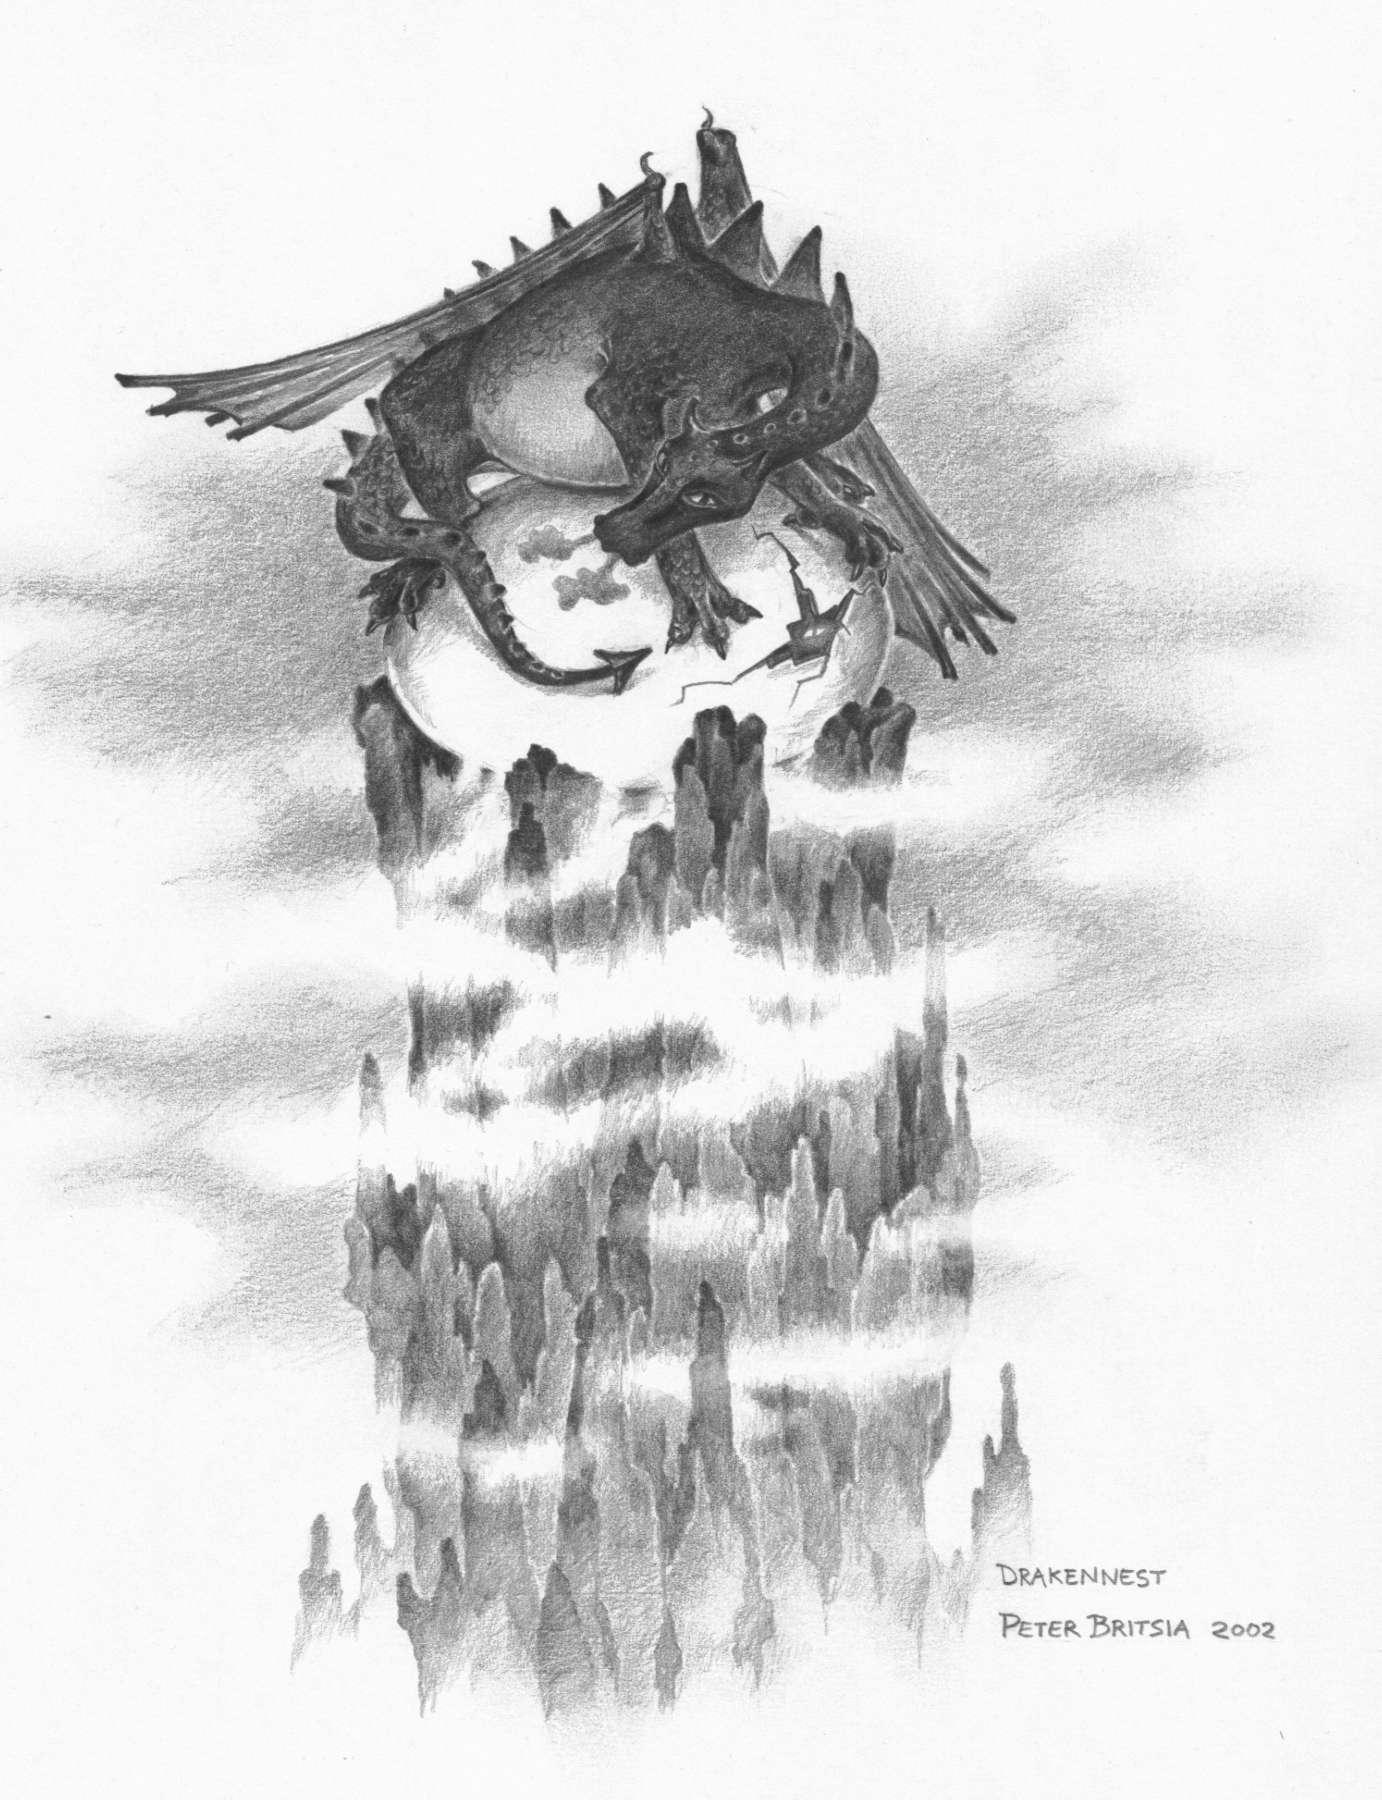 Drakennest - potloodtekening<br>De top van een werkende vulkaan is de enige plaats waar een drakenei kan worden uitgebroed. Dit is wel een bijzonder groot exemplaar ei, en zo te zien kan het ieder moment uitkomen...